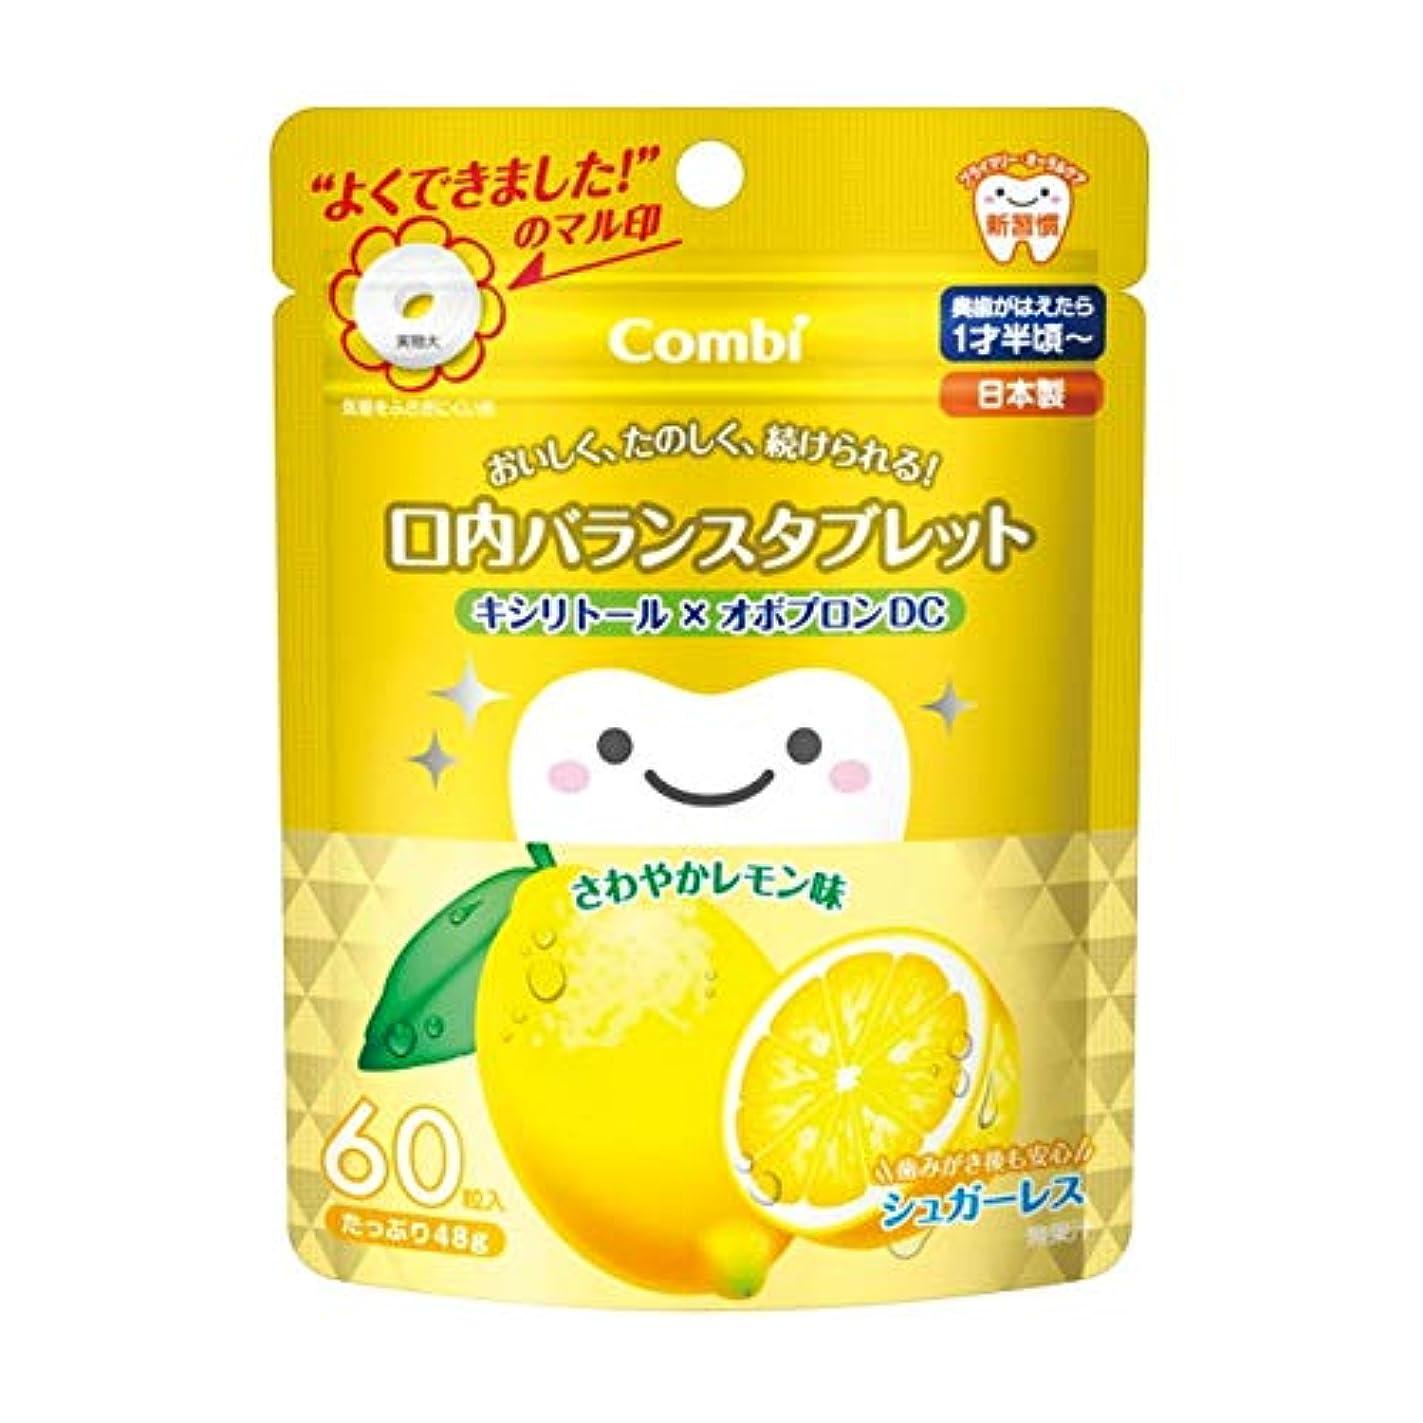 すすり泣き母性キャンセルテテオ 口内バランスタブレット(レモン) 60粒